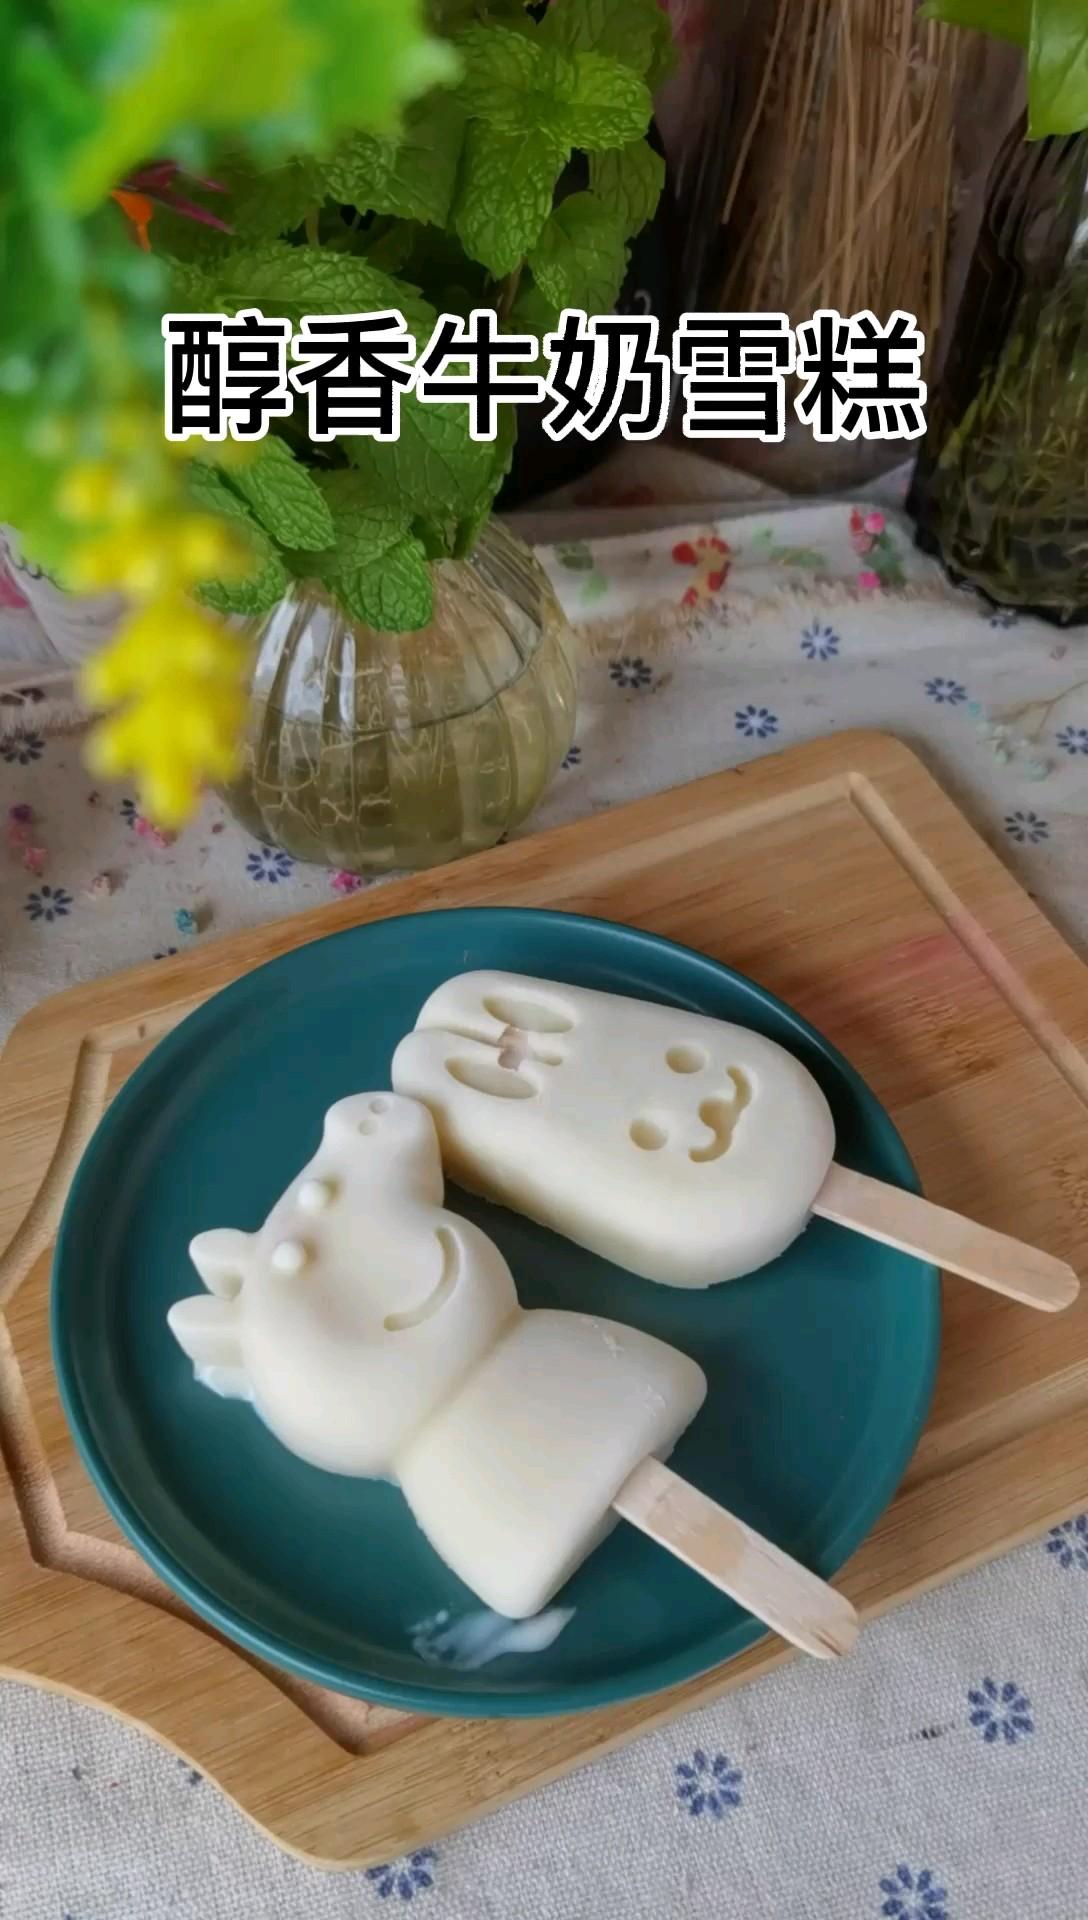 #七夕美食#醇香牛奶雪糕